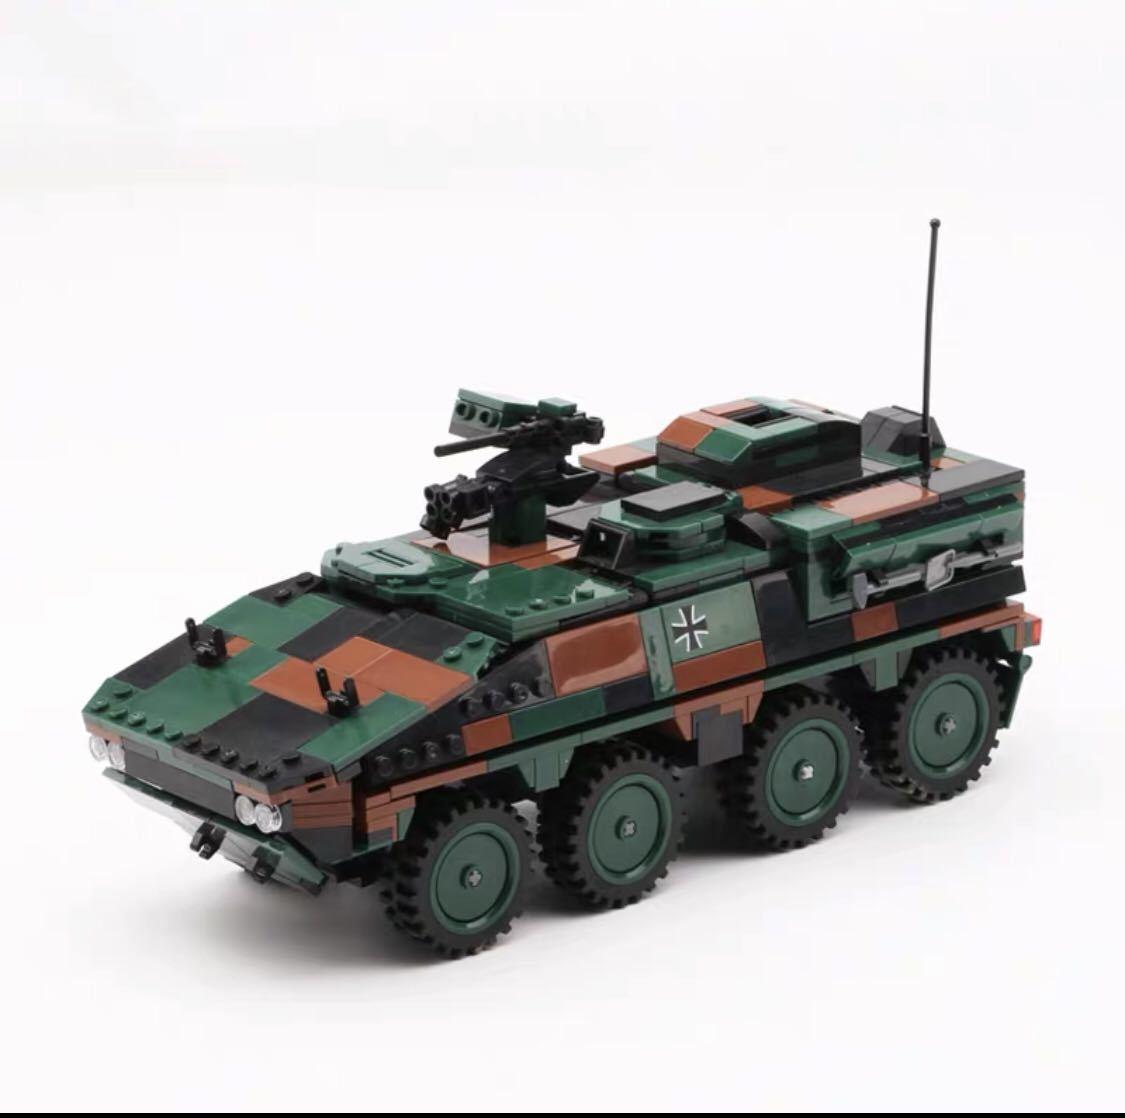 戦車 ミニフィグ レゴ 互換 LEGO 互換 テクニック フィギュア gtk ボクサー装輪装甲車_画像1